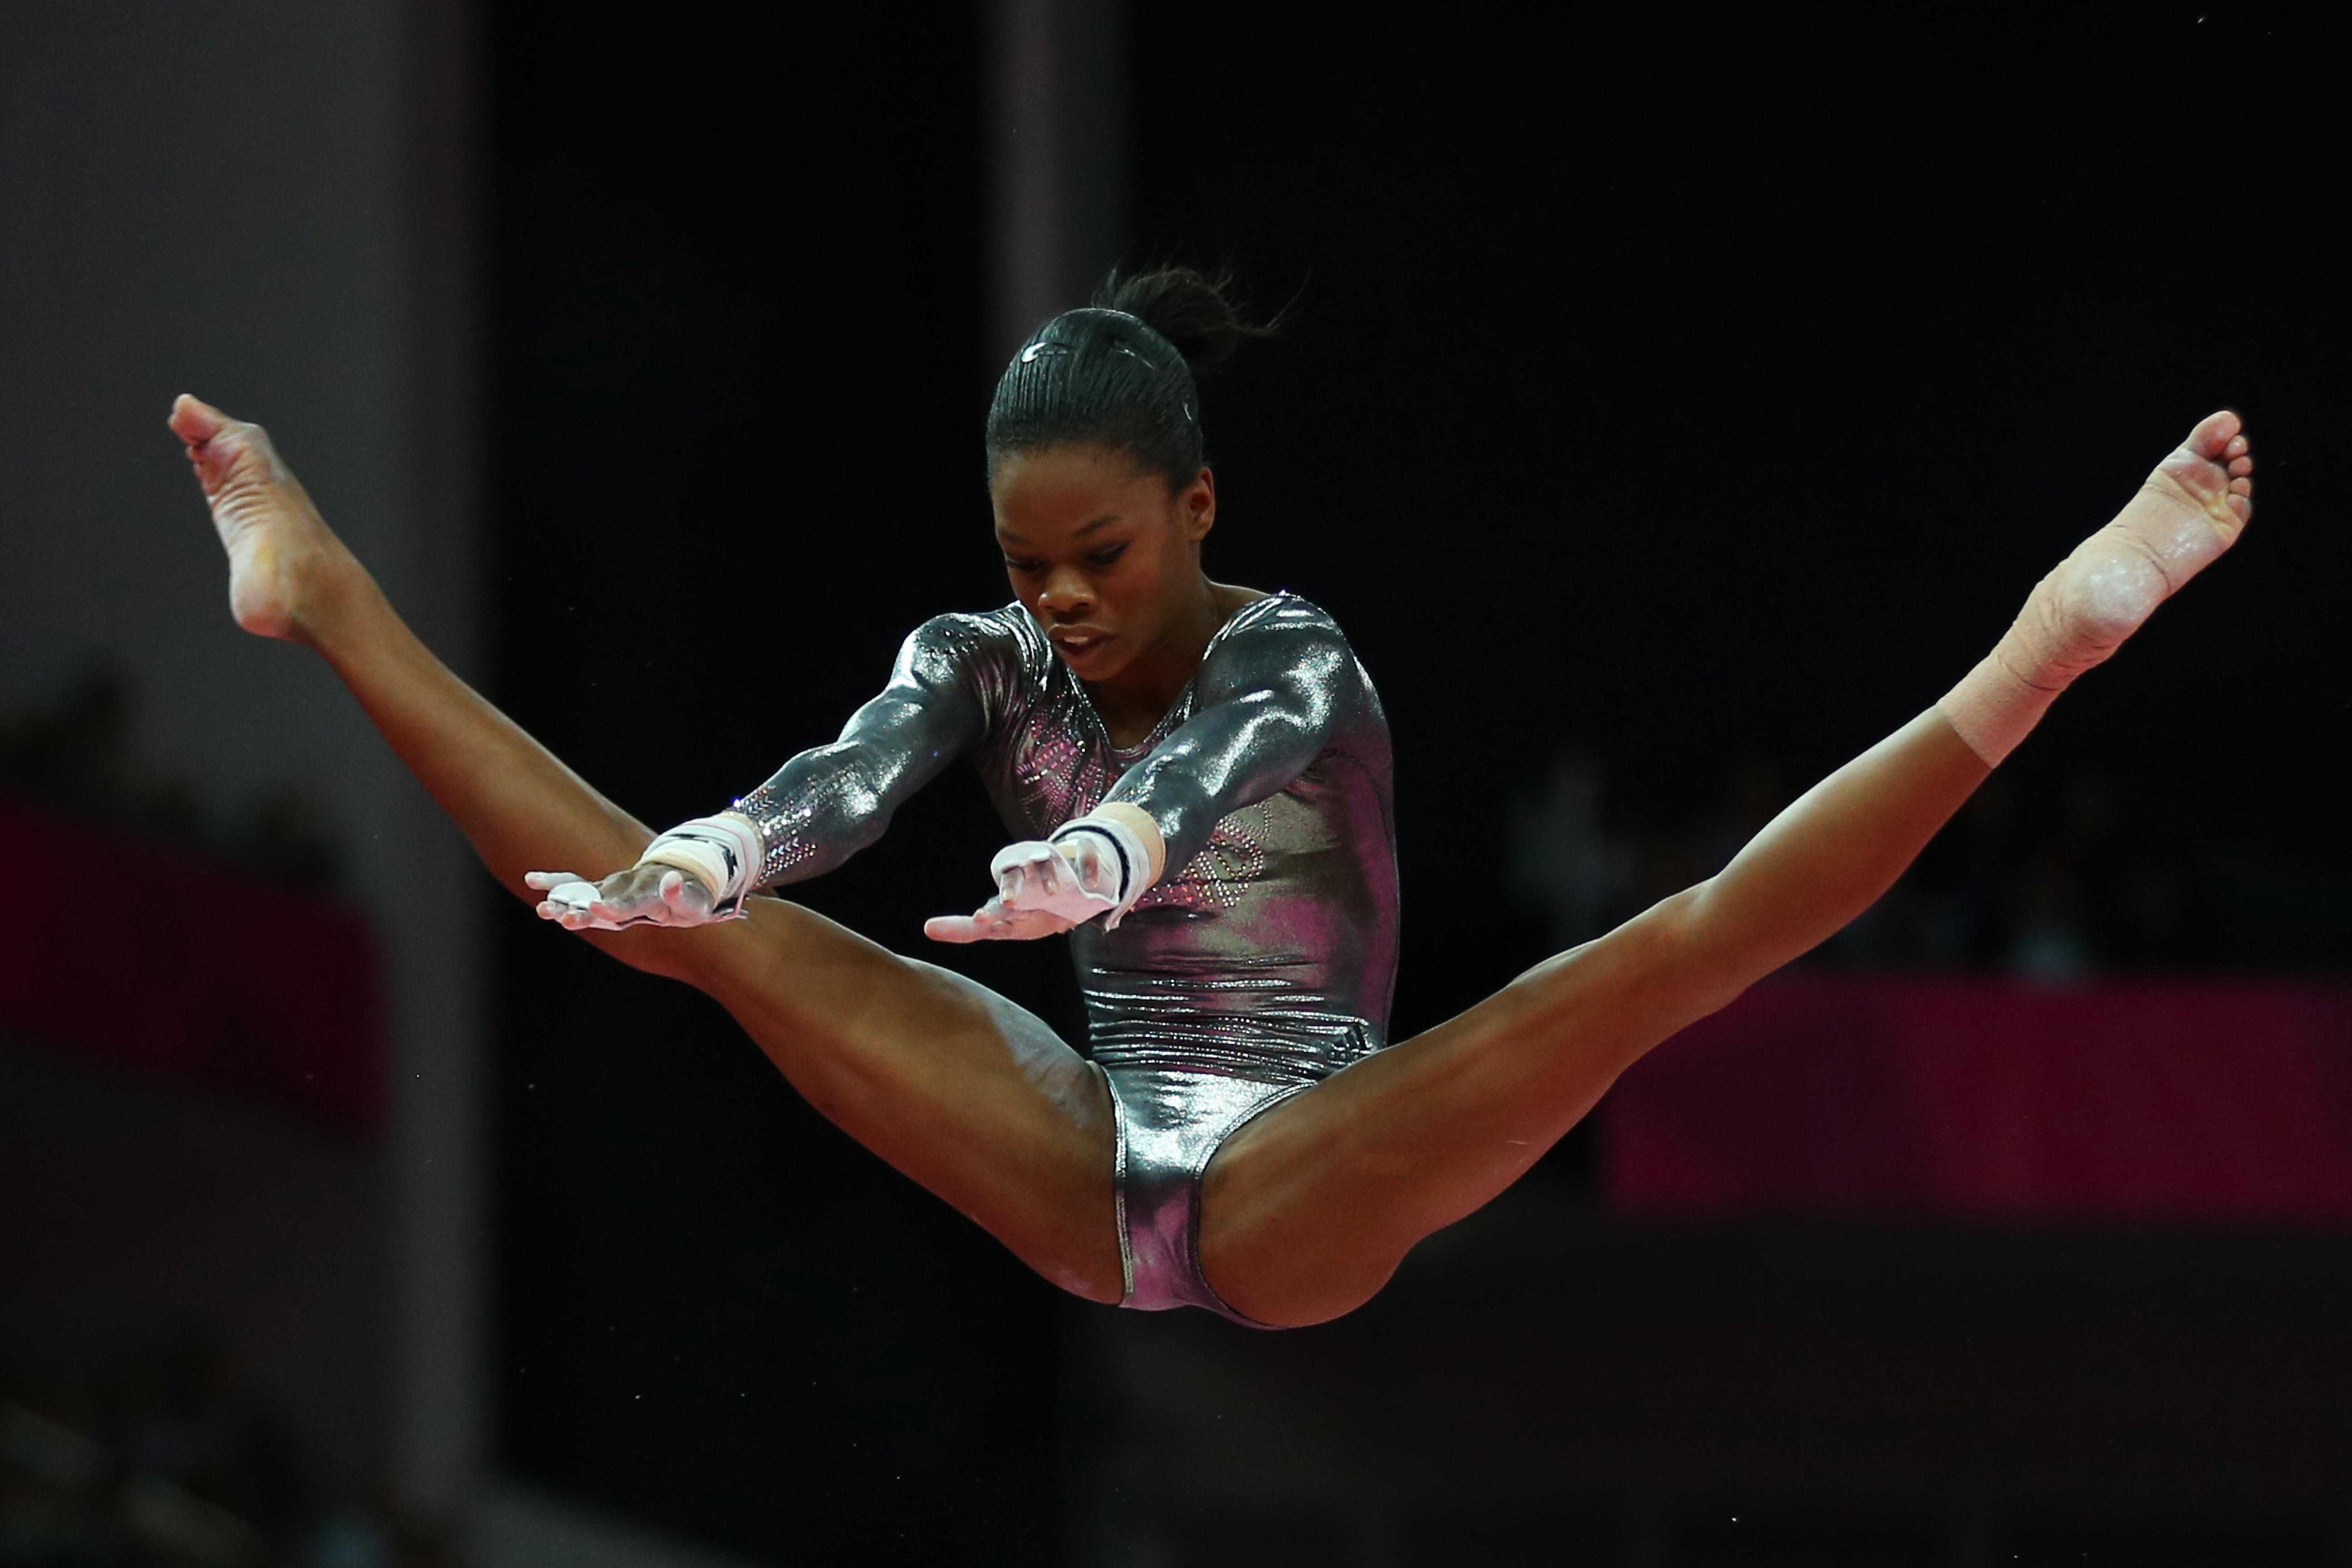 Идеальный икс у гимнастки #2